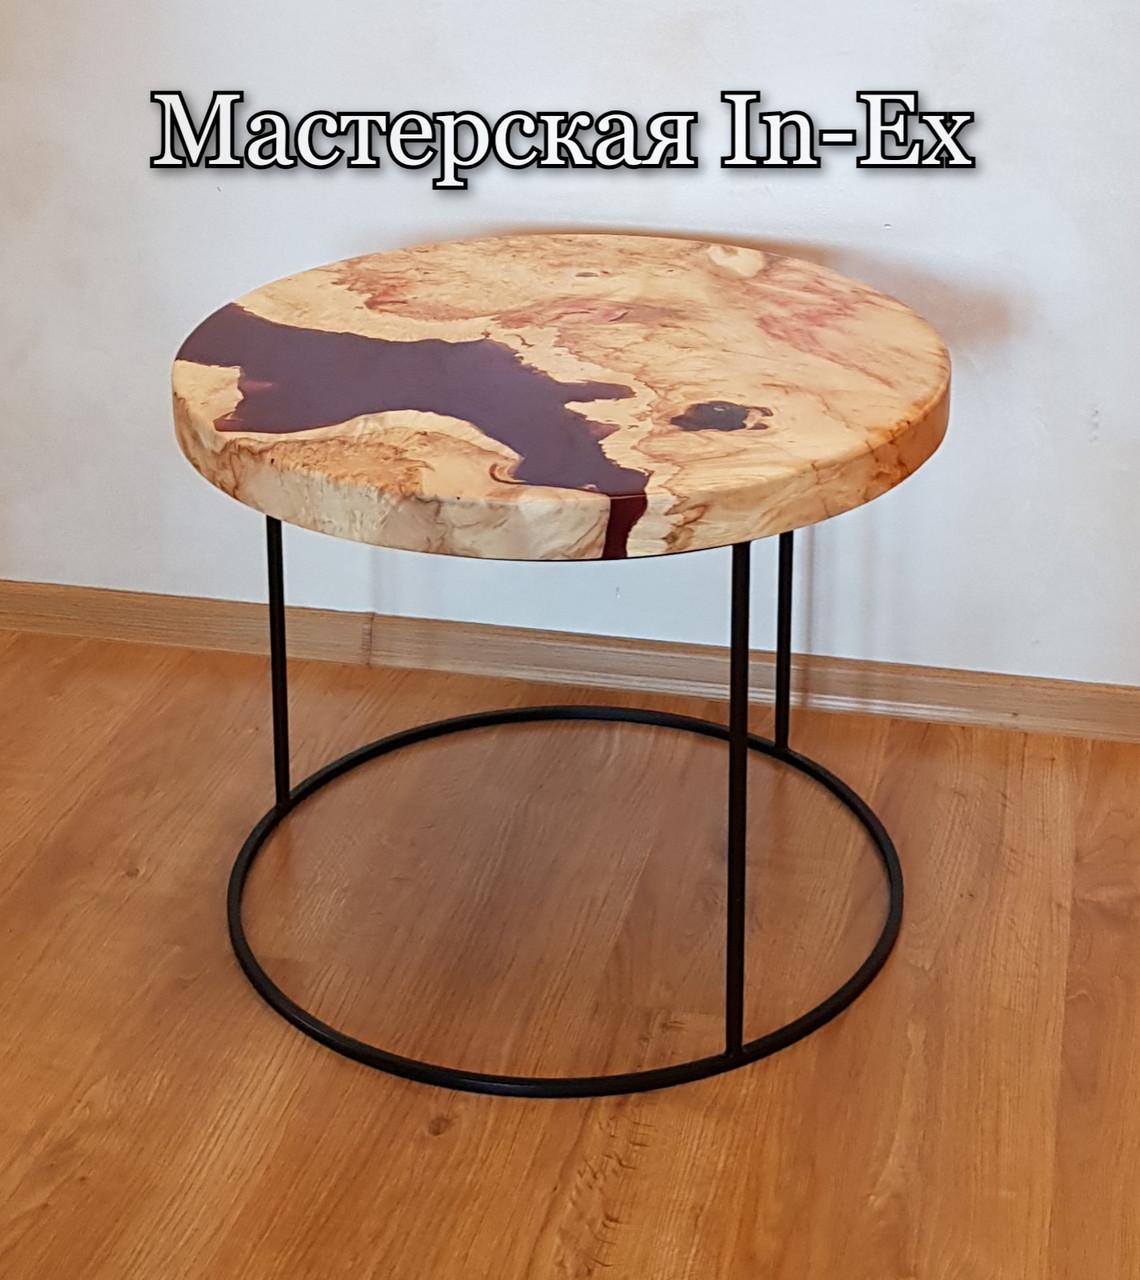 Журнальный круглый стол с  эпоксдной смолой гранатового цвета и массива клёна.